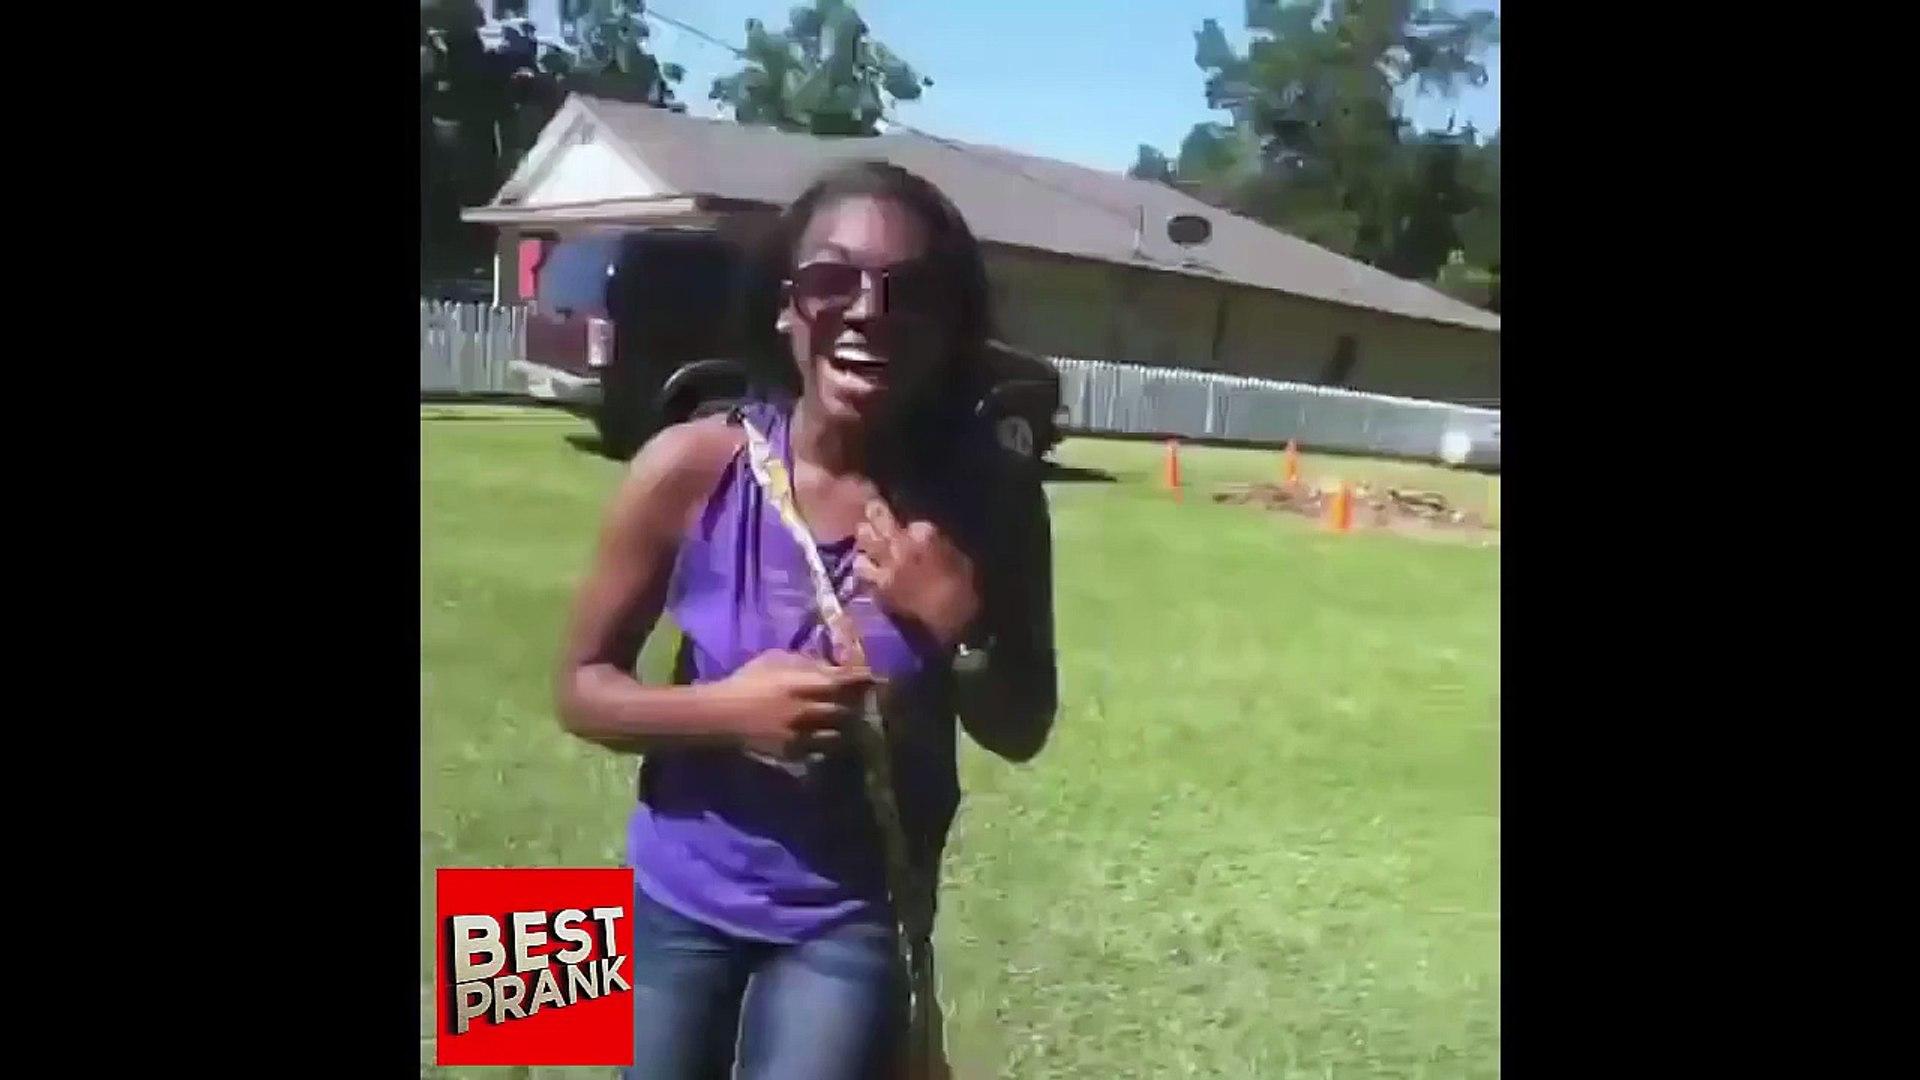 Funny Pranks - Spider Pranks - Funny Videos - Funny Pranks Compilation